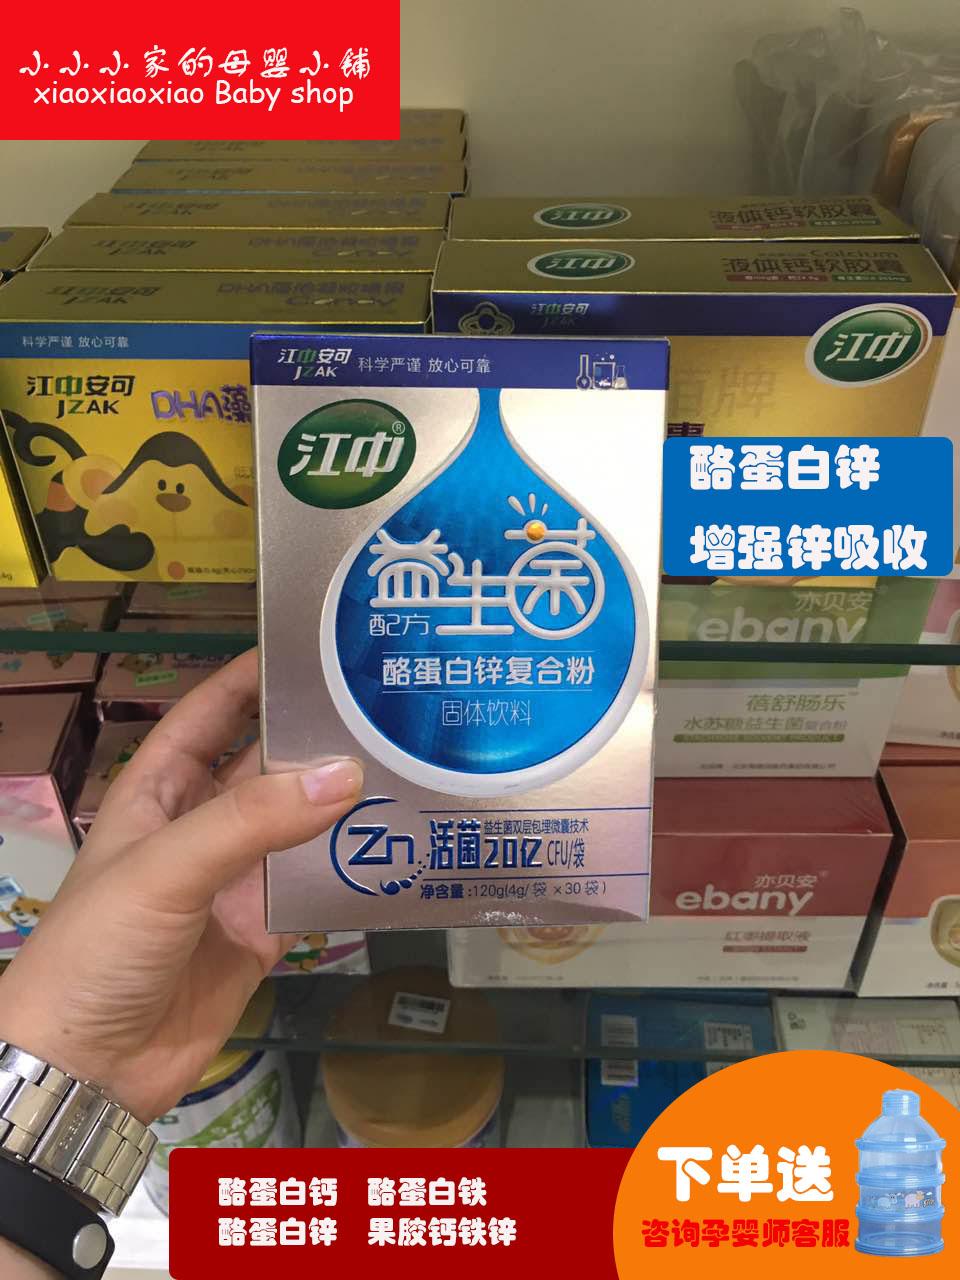 江中益生菌粉钙铁锌果胶钙铁锌复合粉儿童婴幼儿益生元活菌20亿